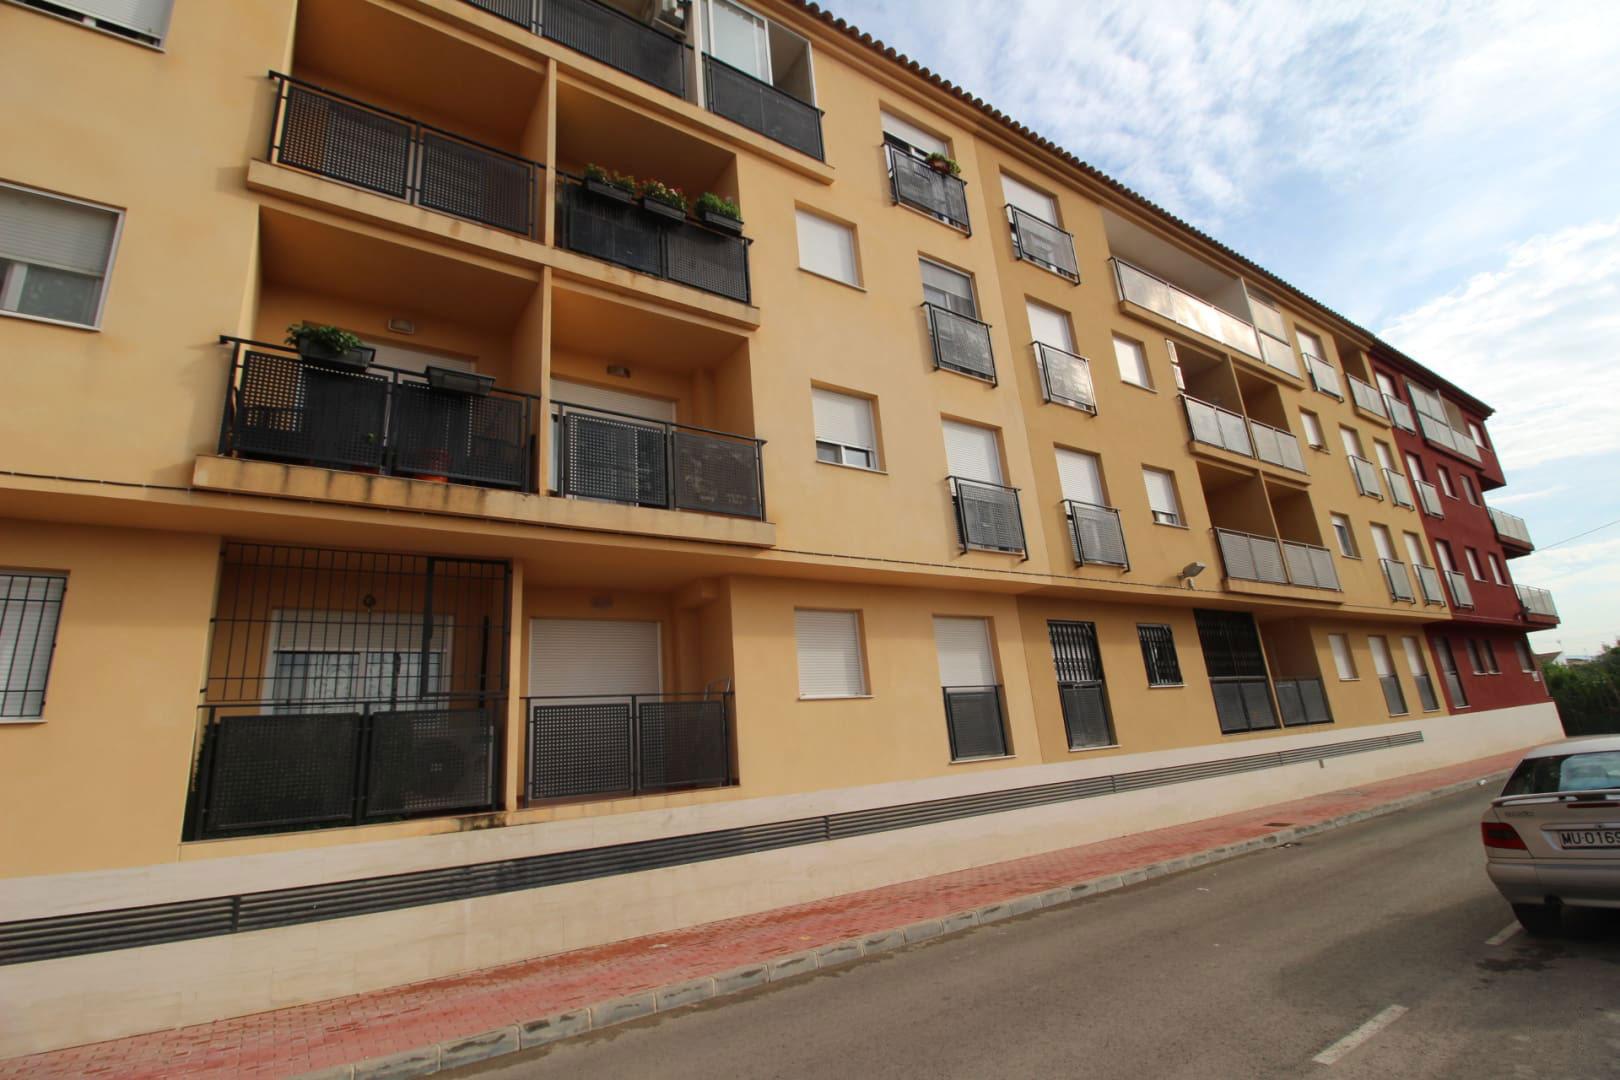 Piso en venta en Pedanía de El Raal, Murcia, Murcia, Calle Miguel de la Nieves, 94.000 €, 4 habitaciones, 2 baños, 117 m2